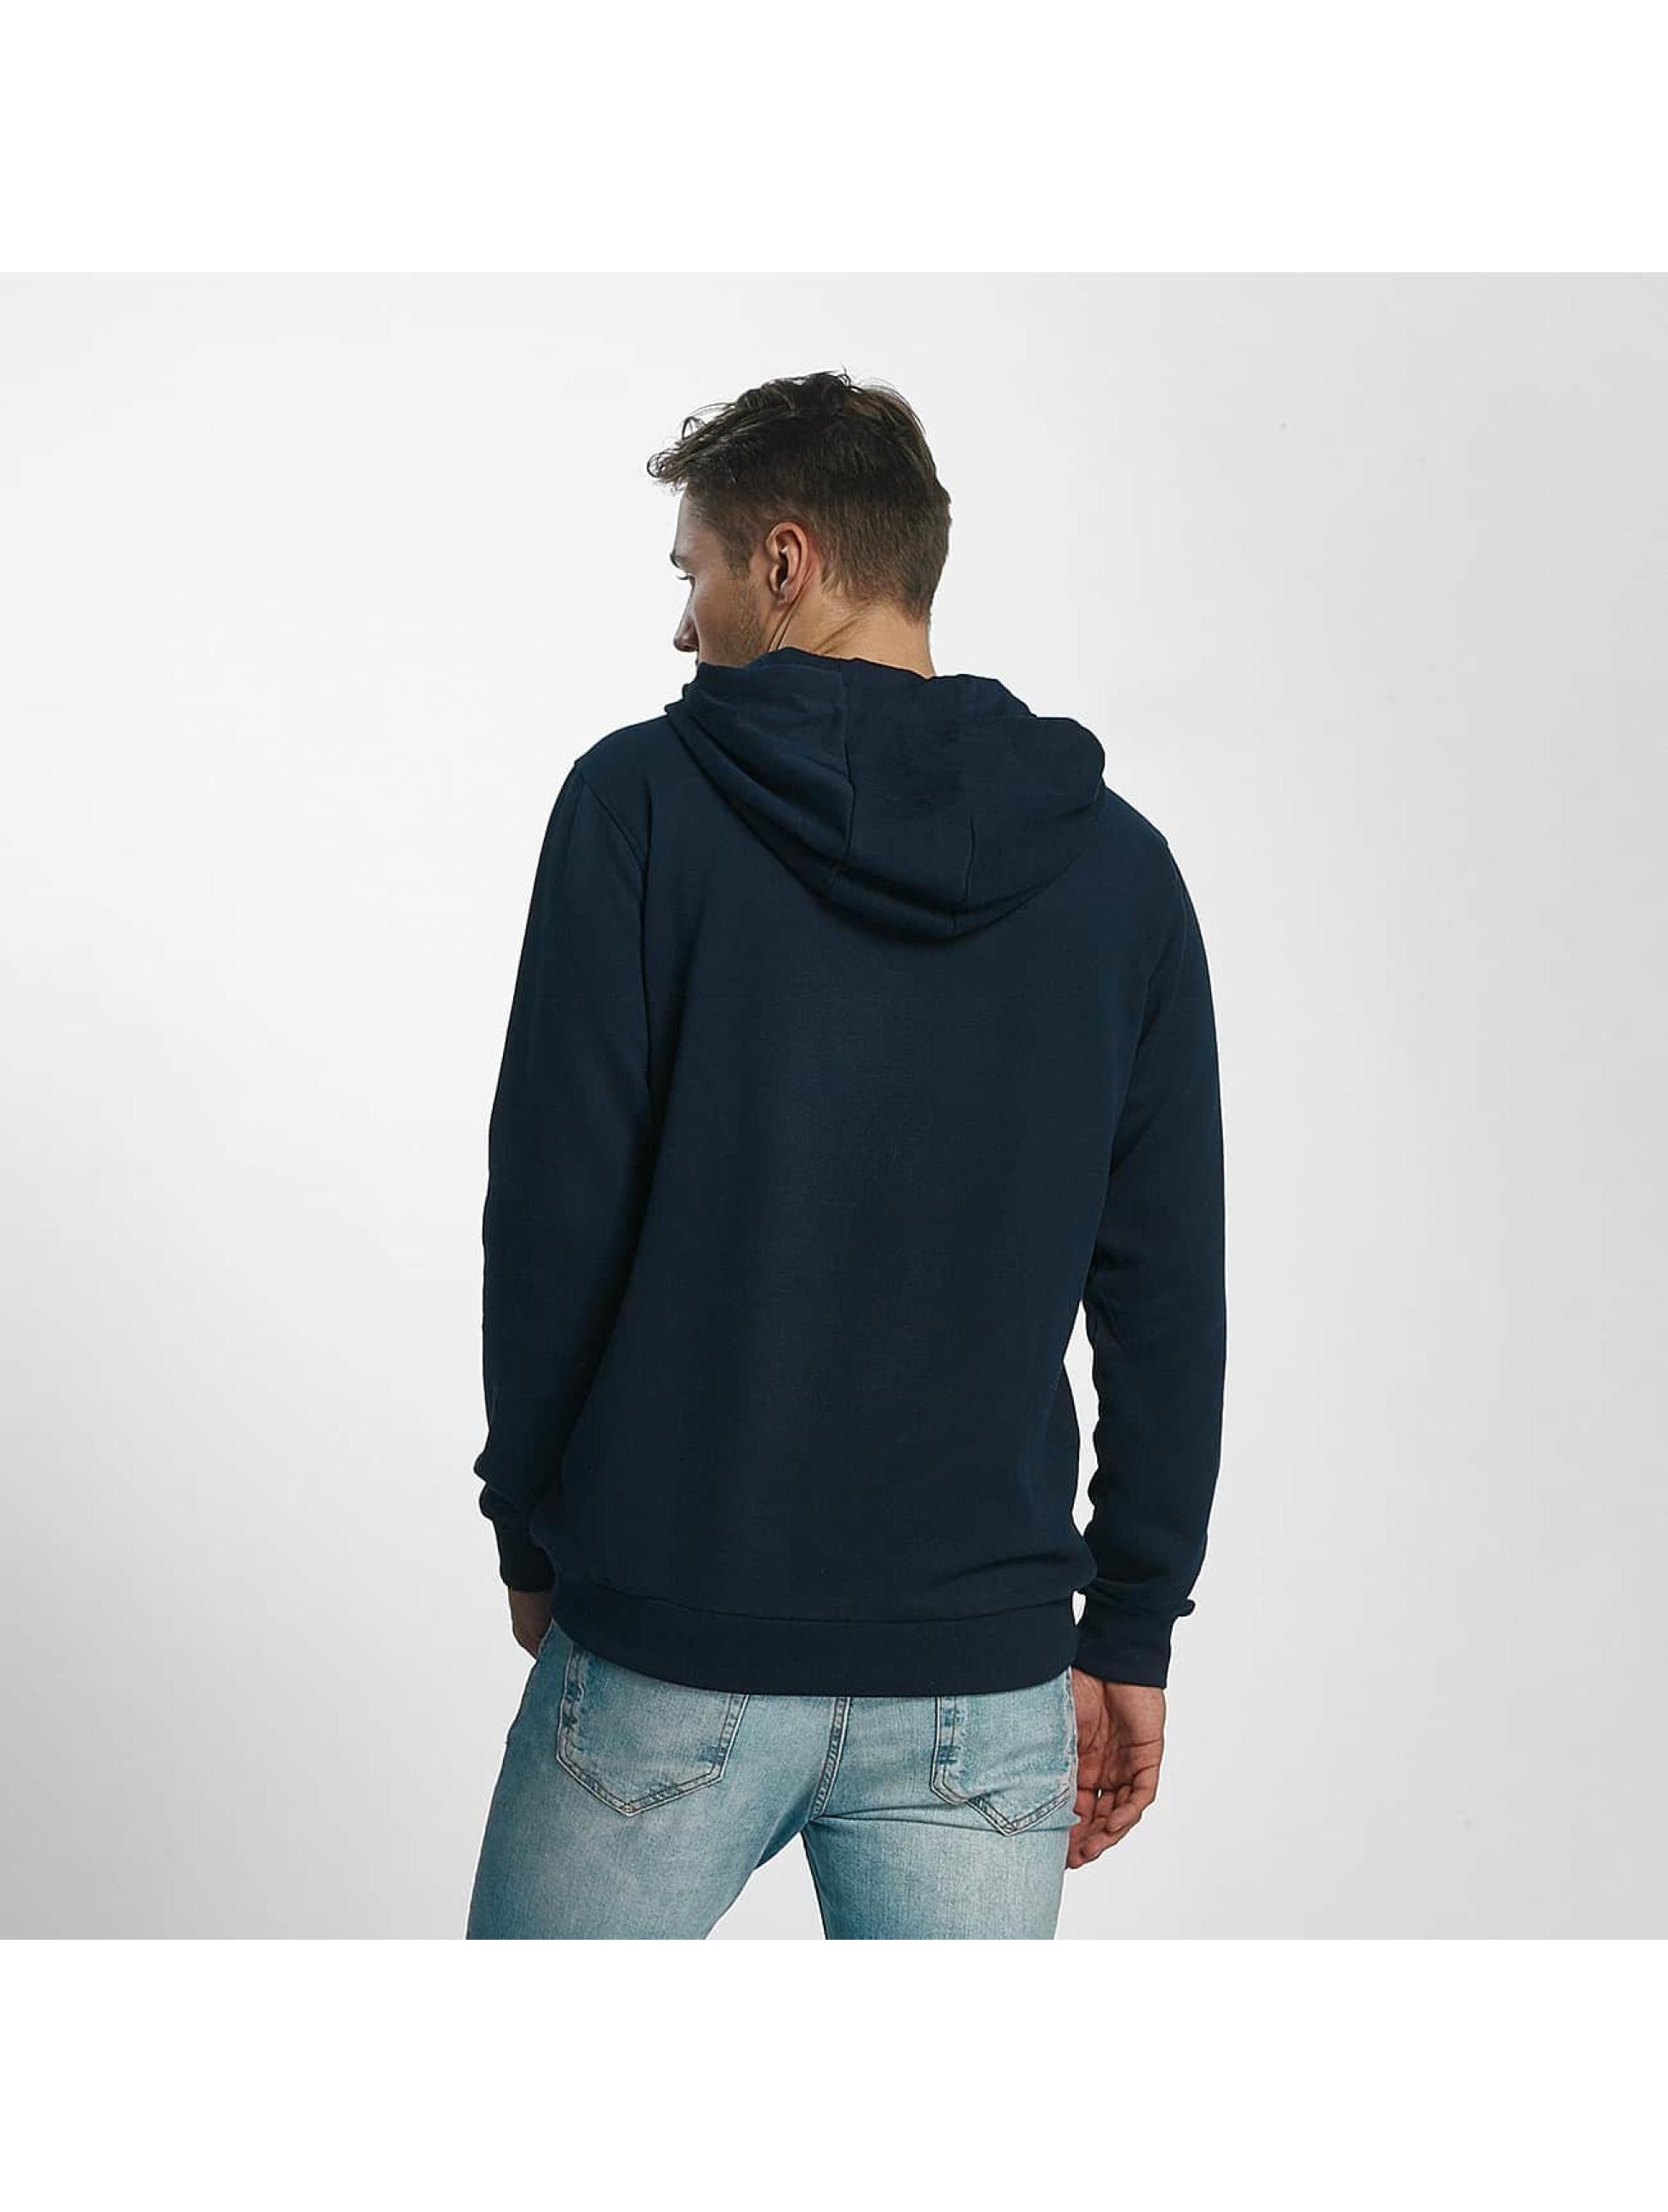 fila core line bleu homme sweat capuche fila acheter pas cher haut 439019. Black Bedroom Furniture Sets. Home Design Ideas